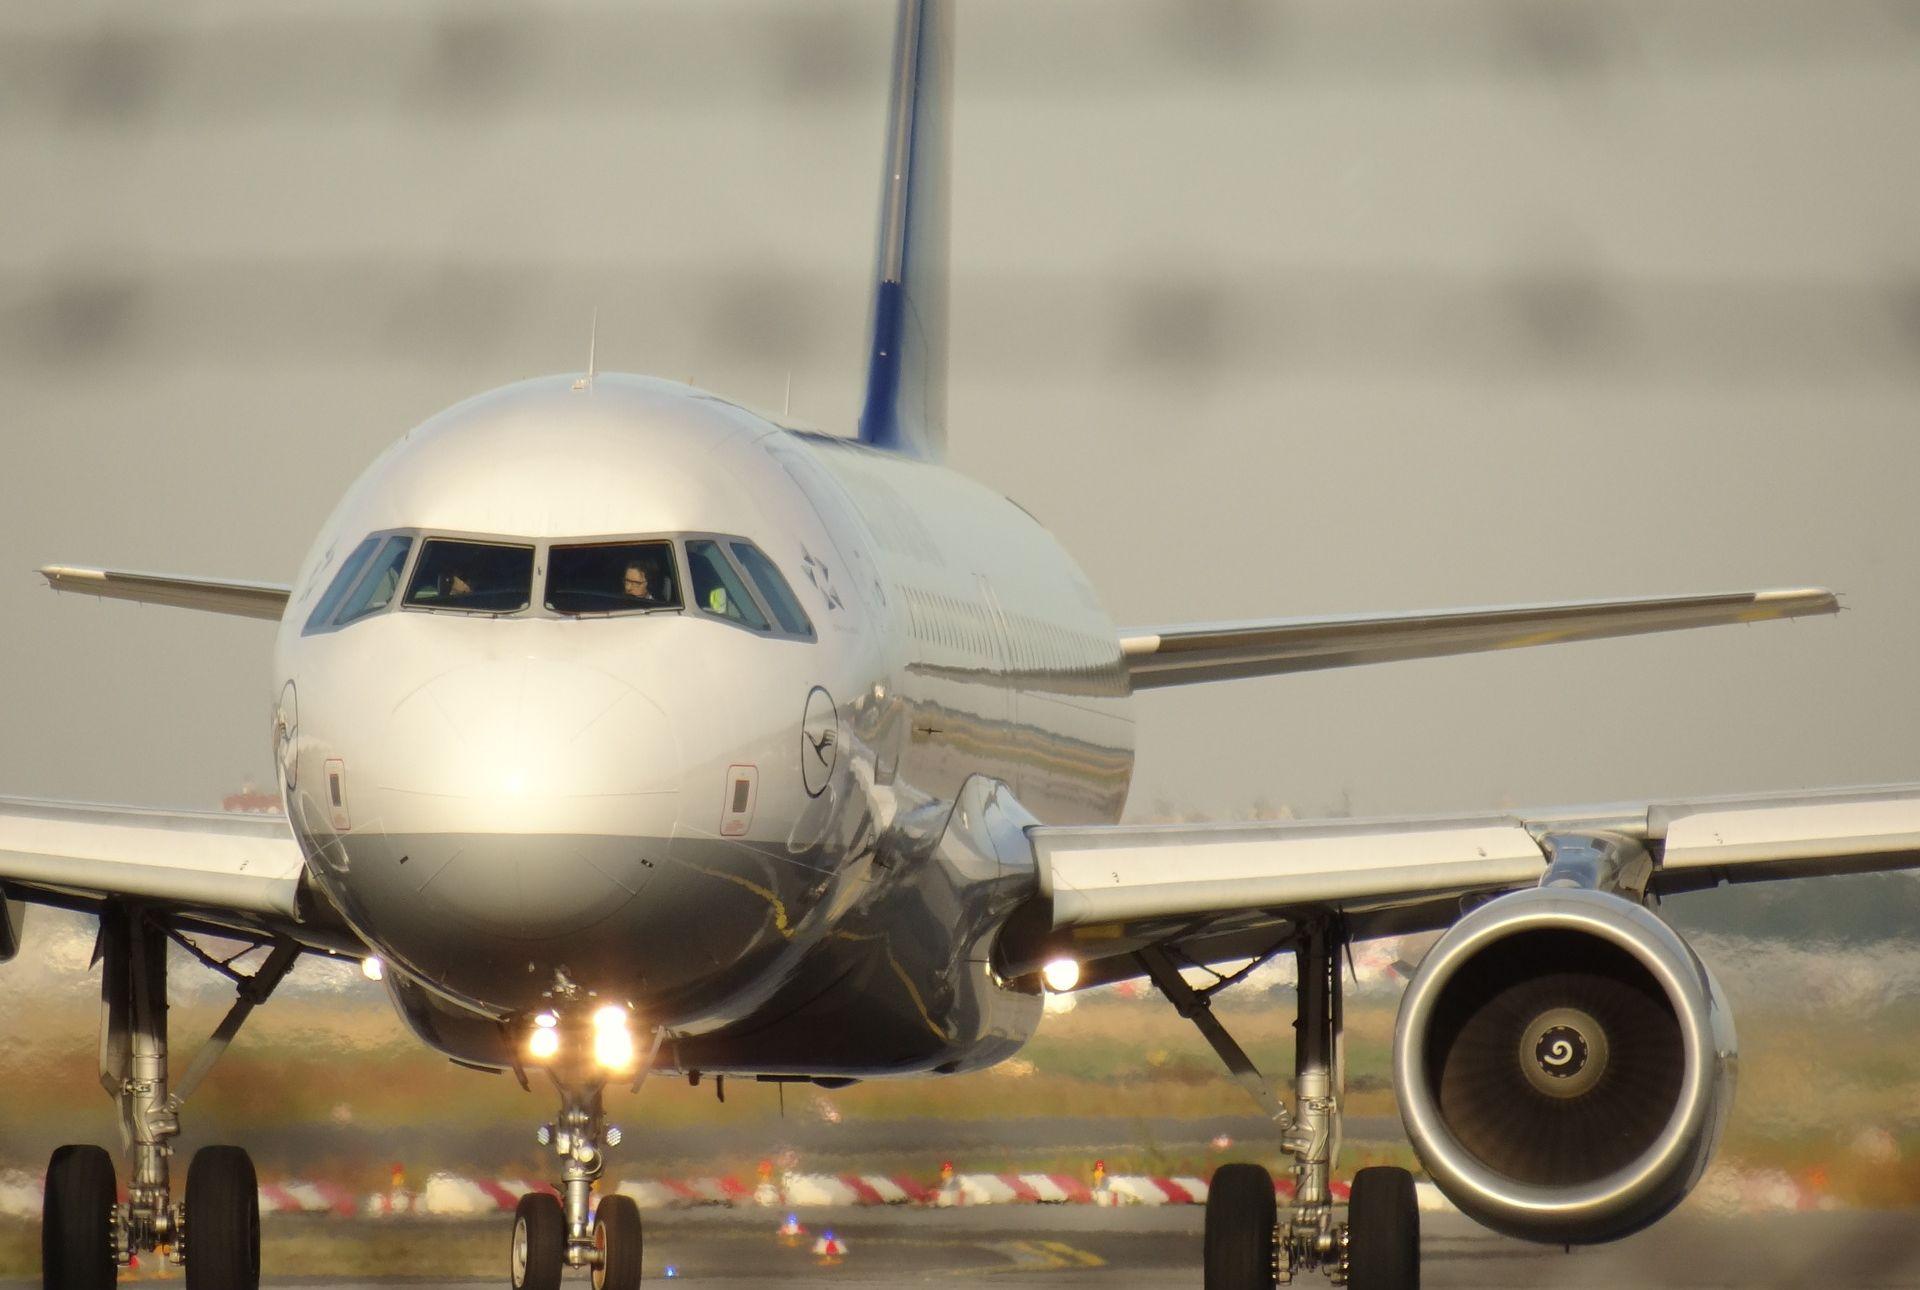 Zrakoplov Lufthanse otet prije 40 godina vraćen u Njemačku